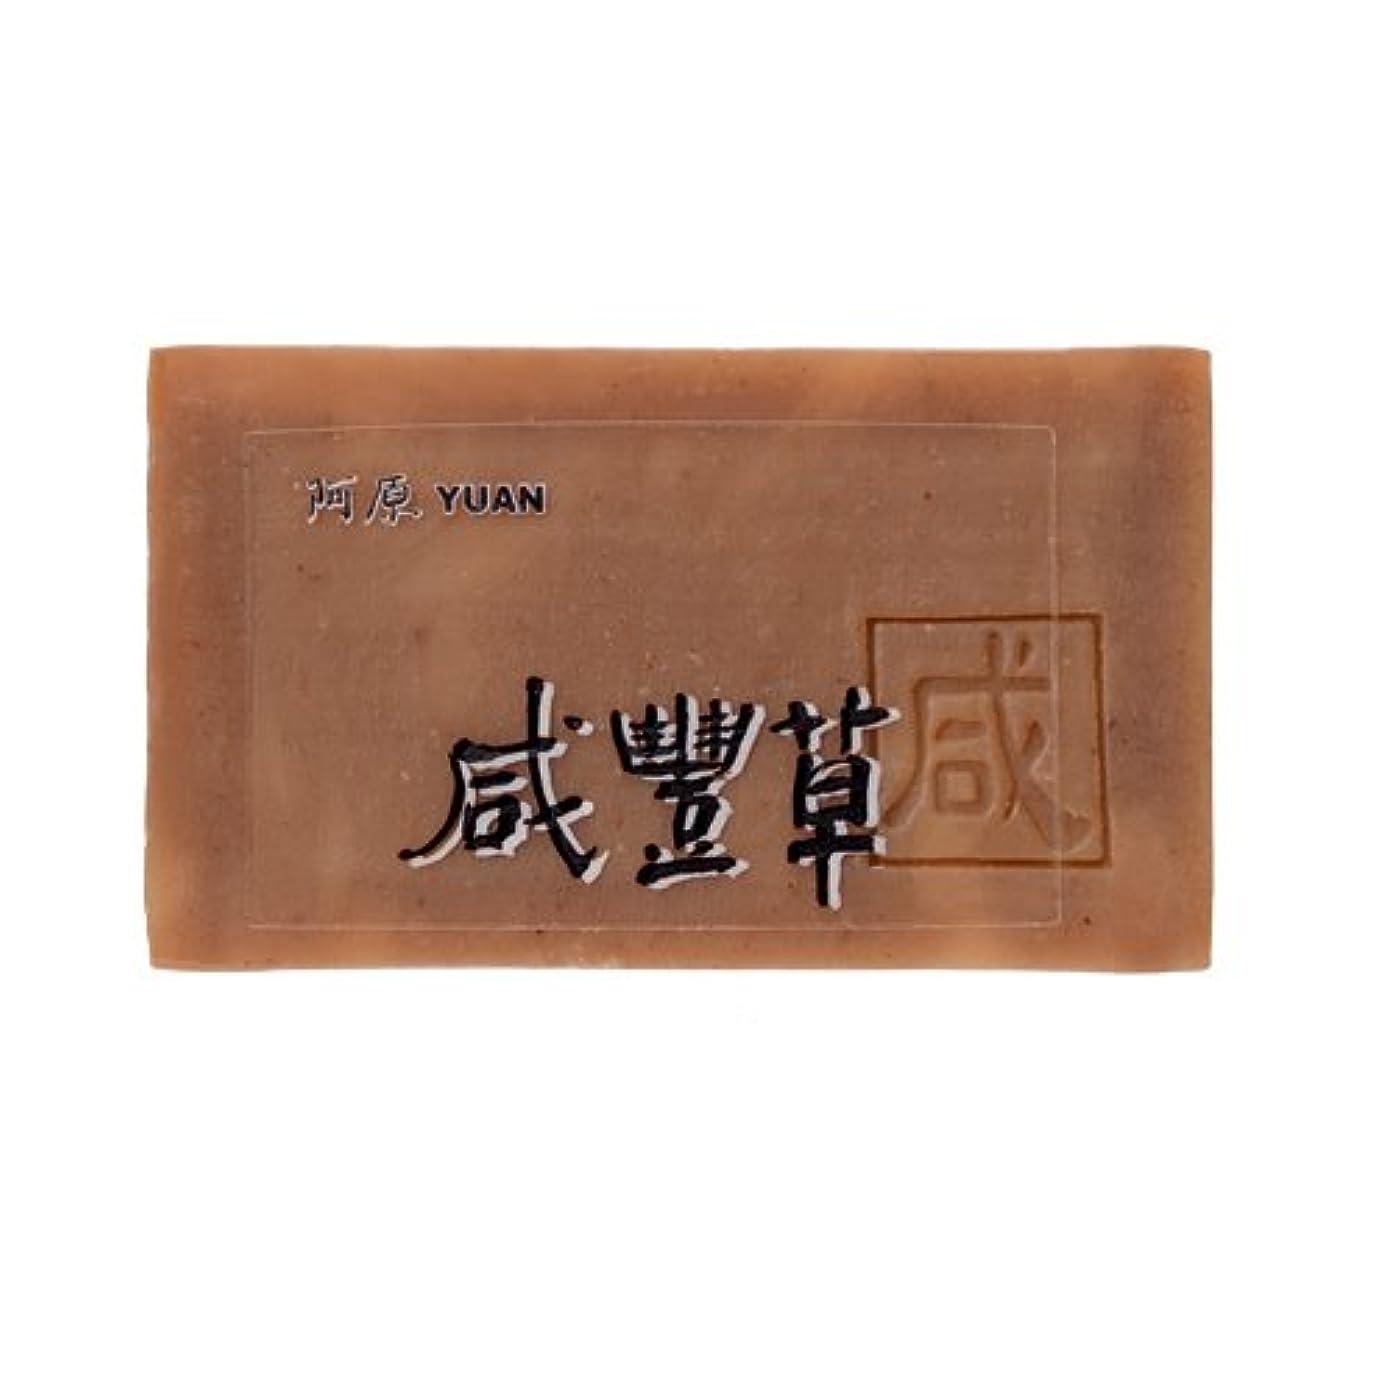 フォーラムシーフードオレンジユアン(YUAN) ユアンソープ コシロノセンダングサソープ 100g (阿原 石けん 台湾コスメ)